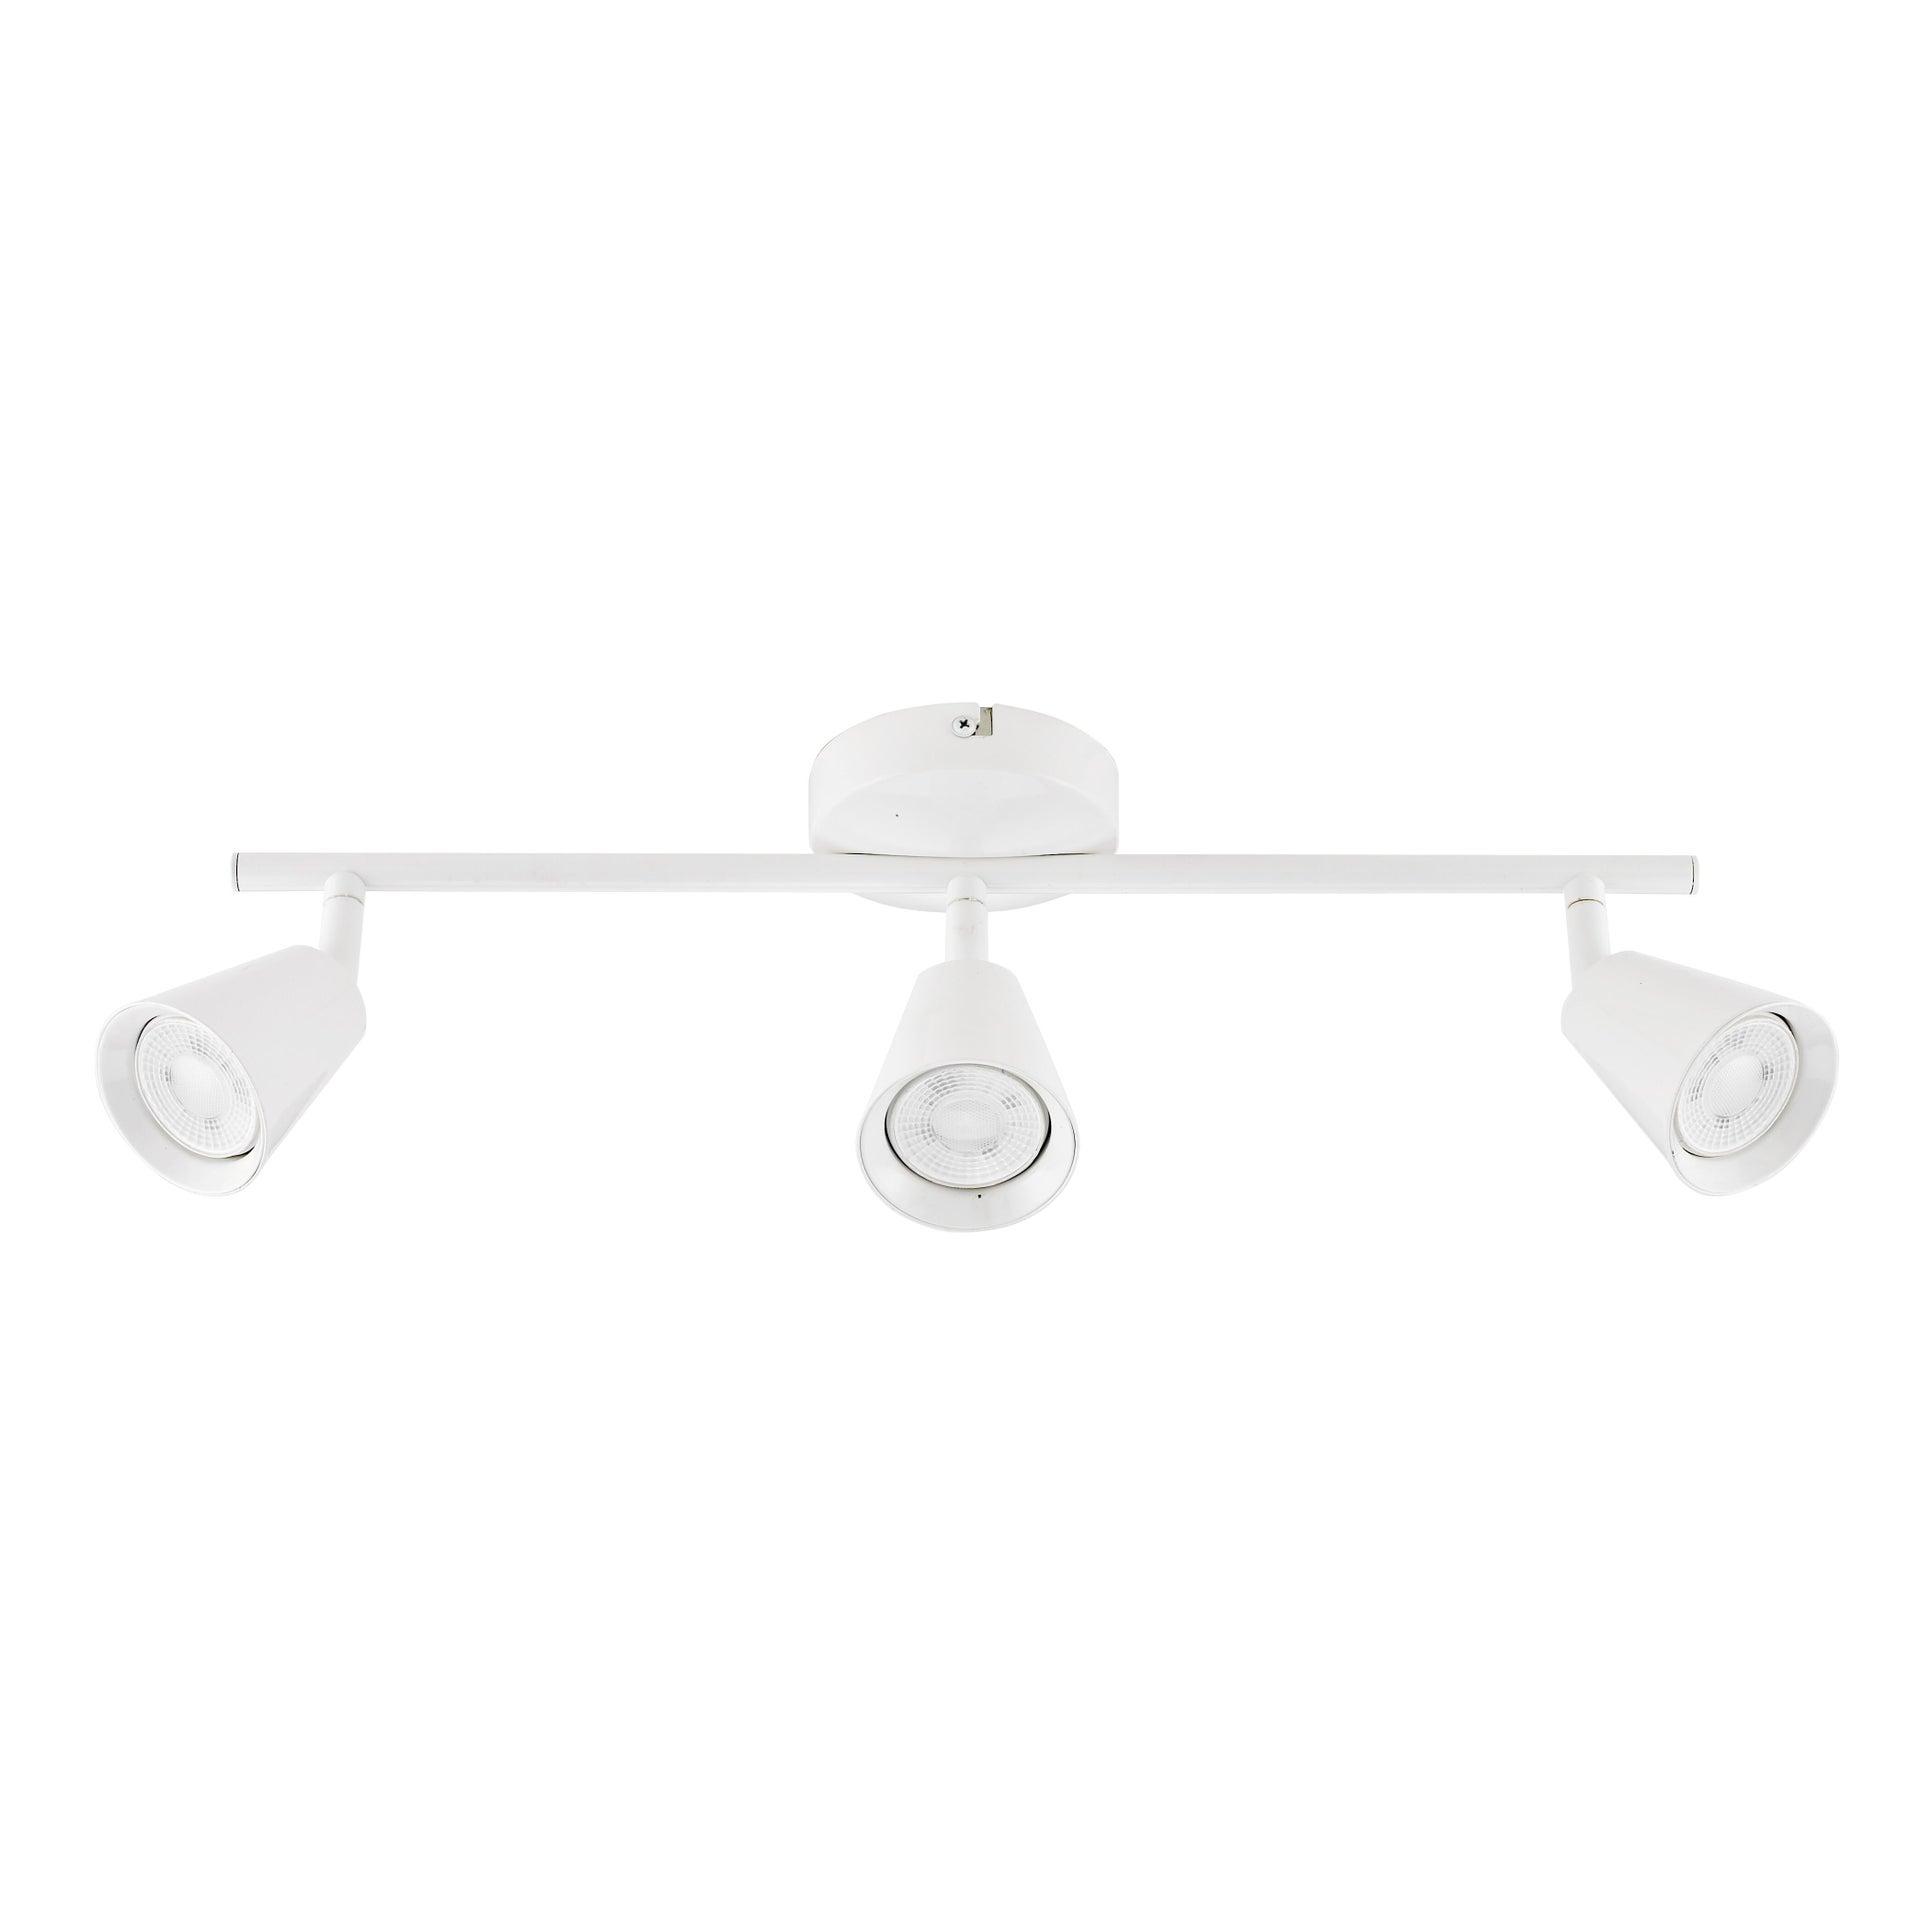 Barra di faretti Chapo bianco, in metallo, LED integrato 3.5W 840LM IP20 INSPIRE - 5